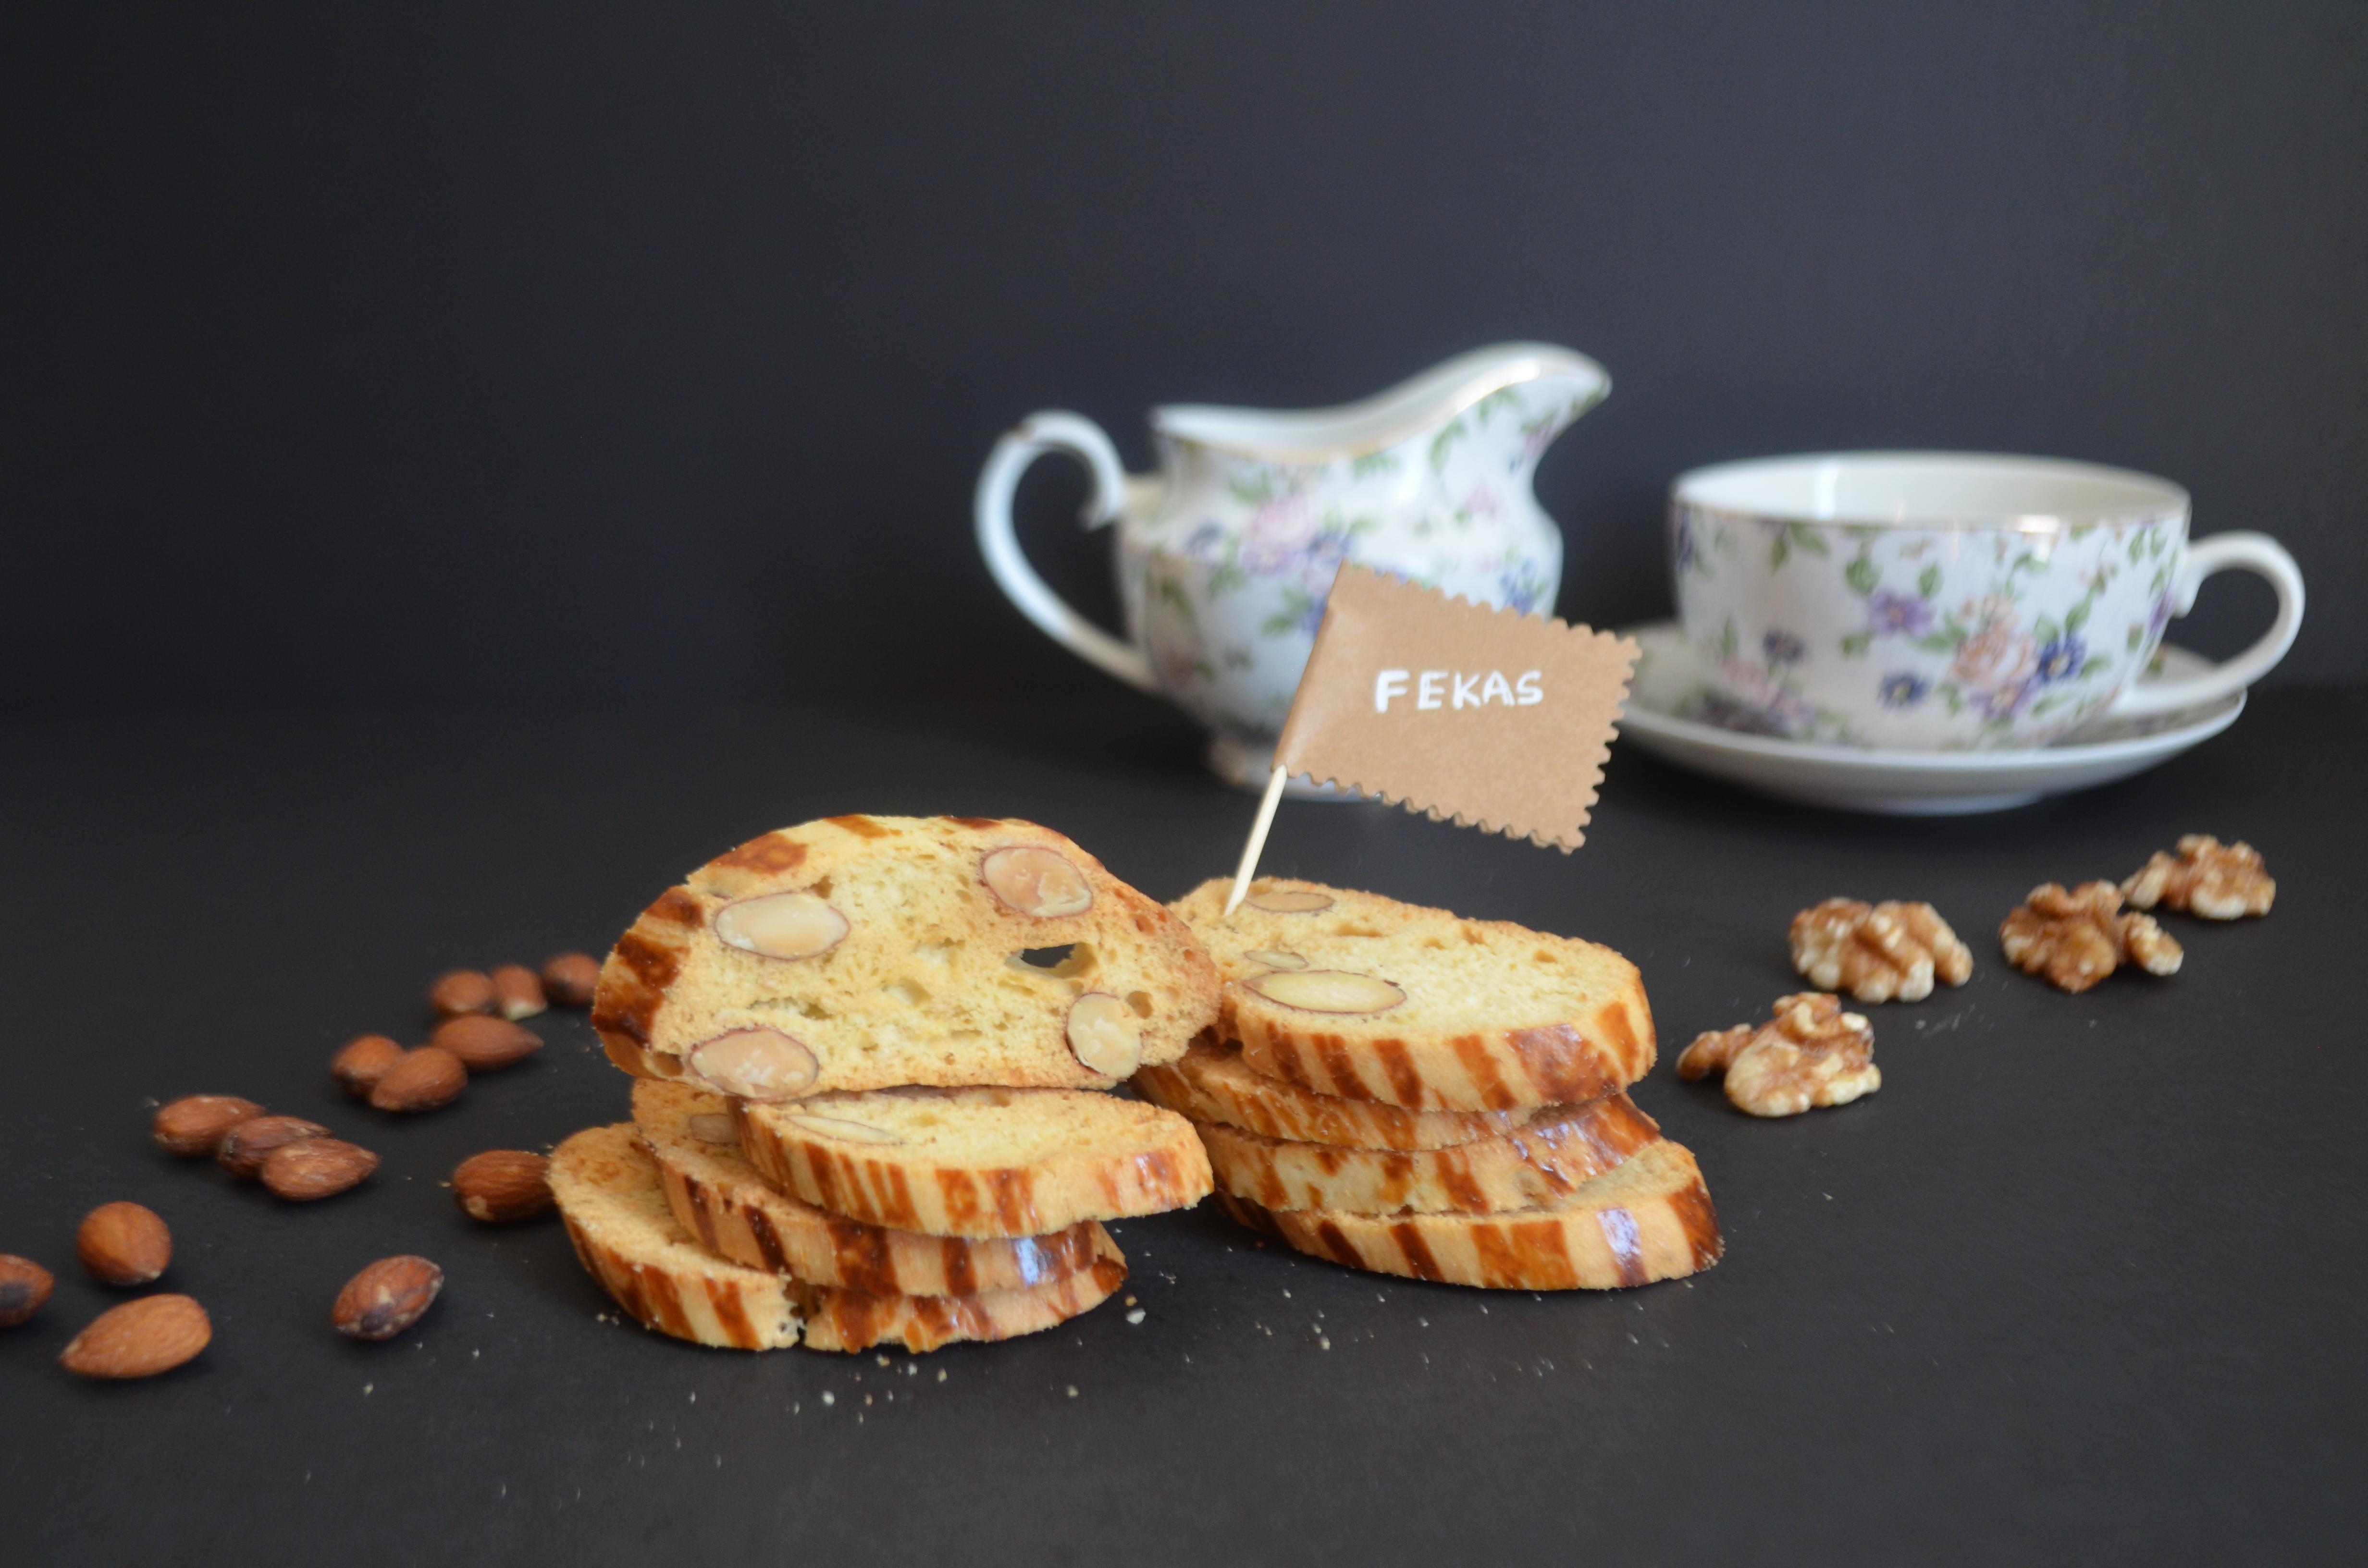 Fekkas biscuit